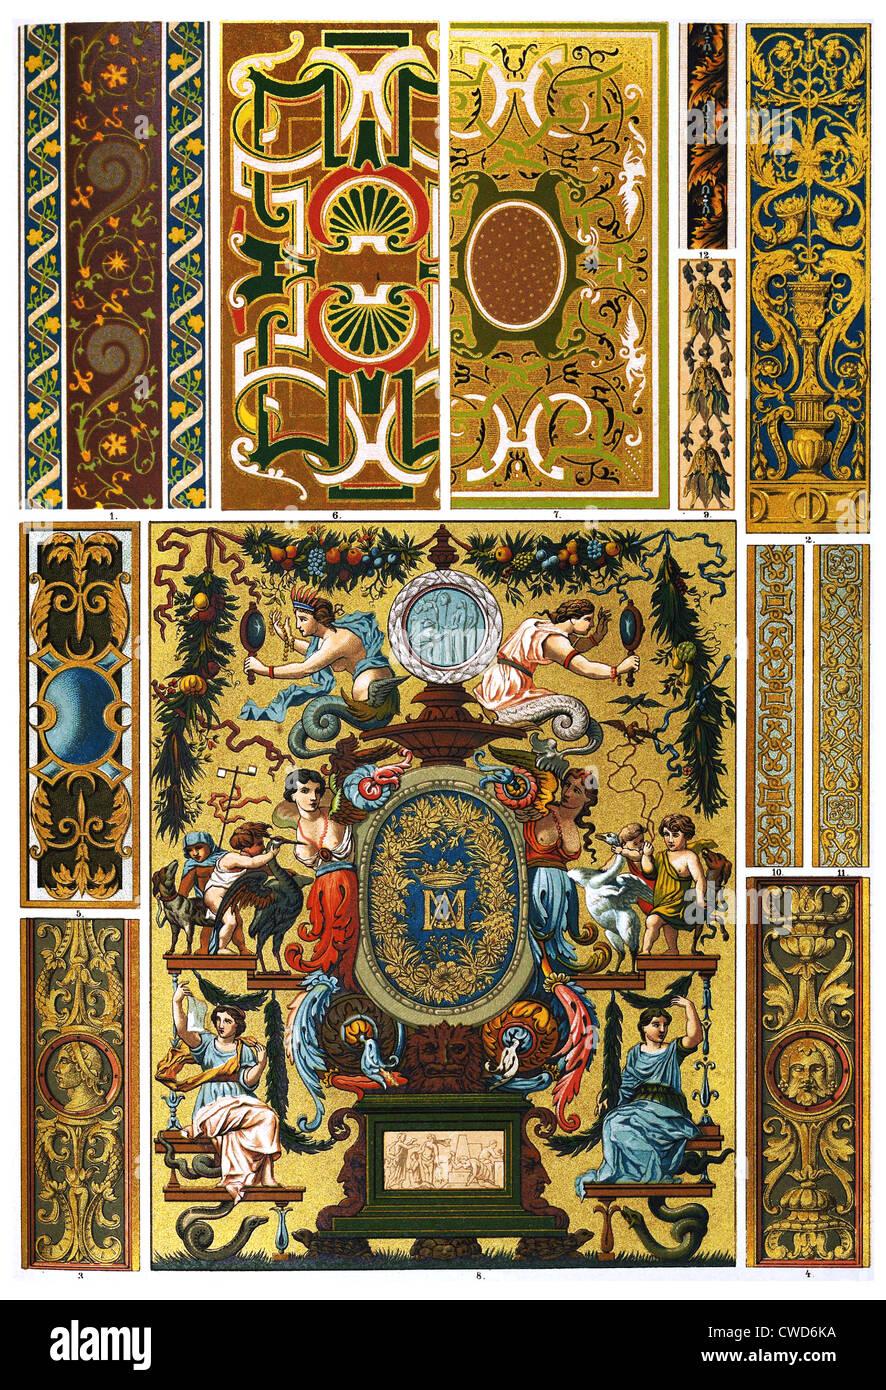 Peinture Murale Sculpture Française Renaissance Peint Couvertures De